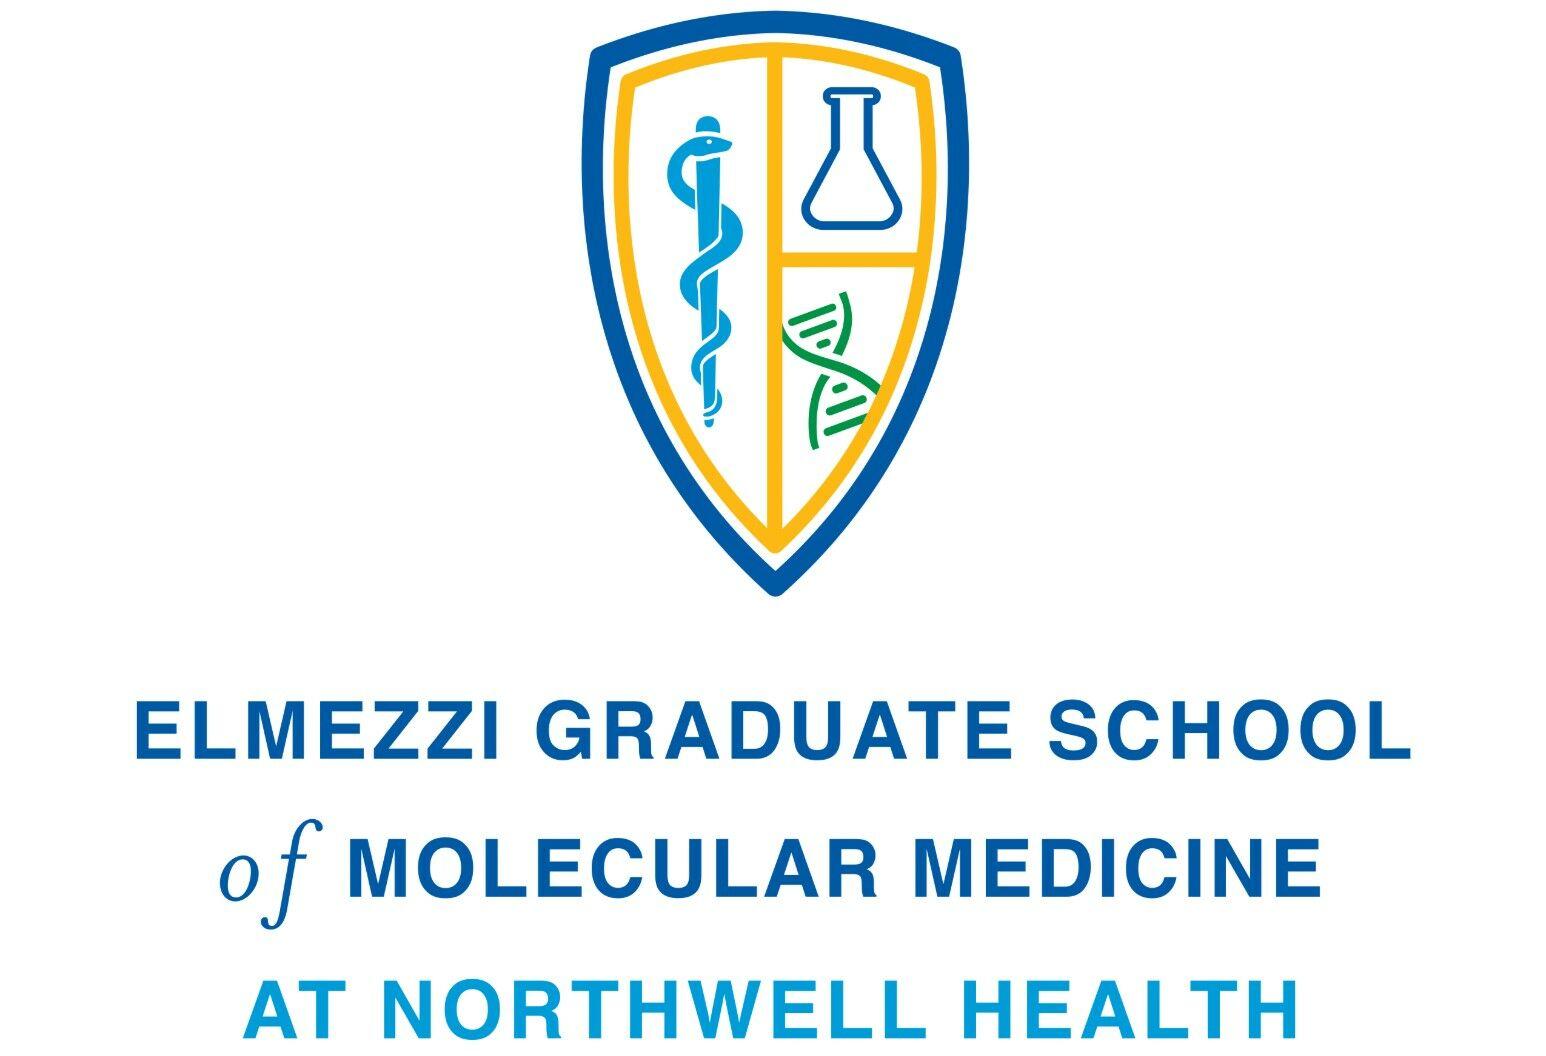 Elmezzi Graduate School of Molecular Medicine.